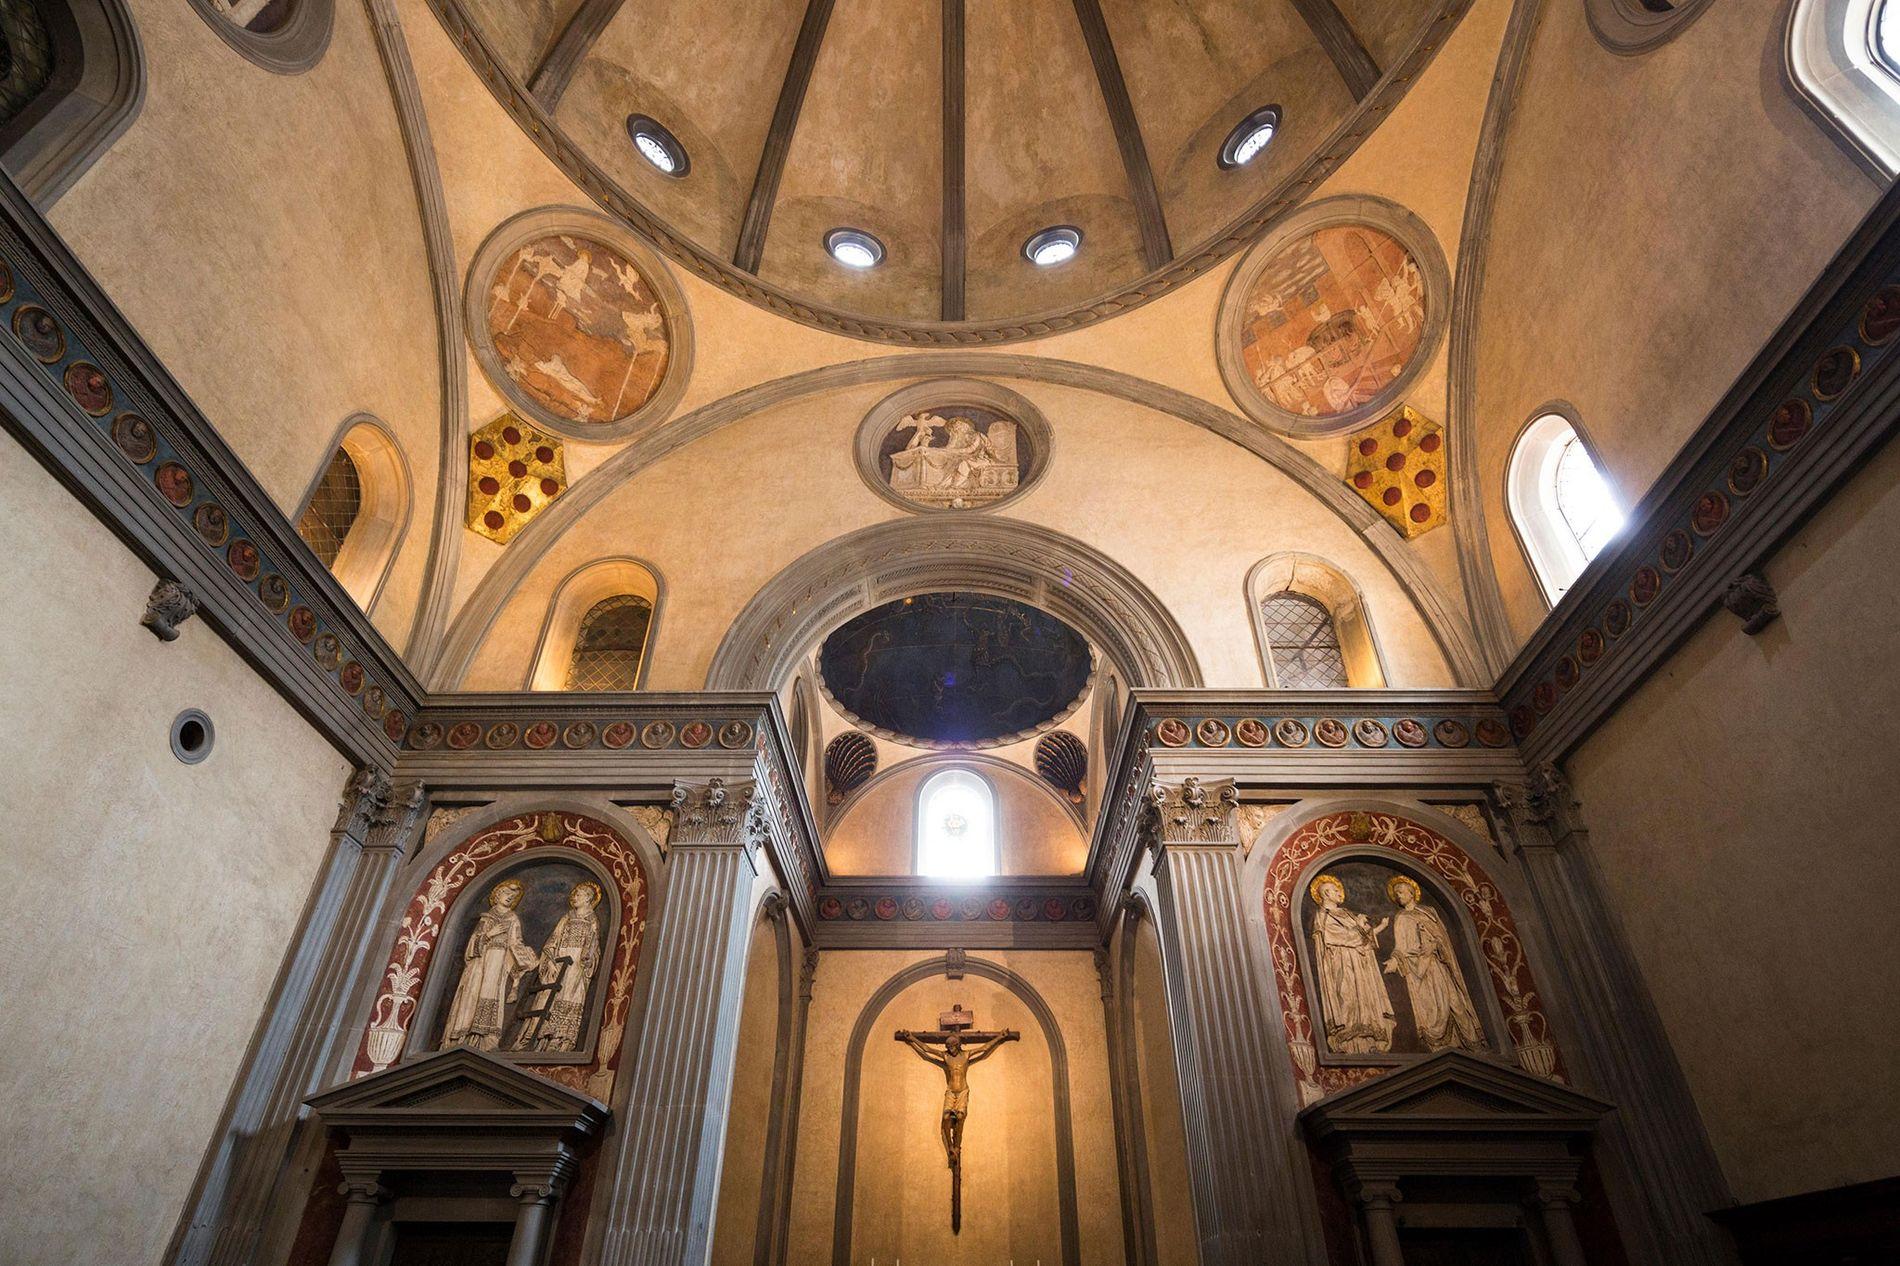 Die sterblichen Überreste der Medici wurden in der Sagrestia Vecchia beigelegt, der Alten Sakristei in der ...